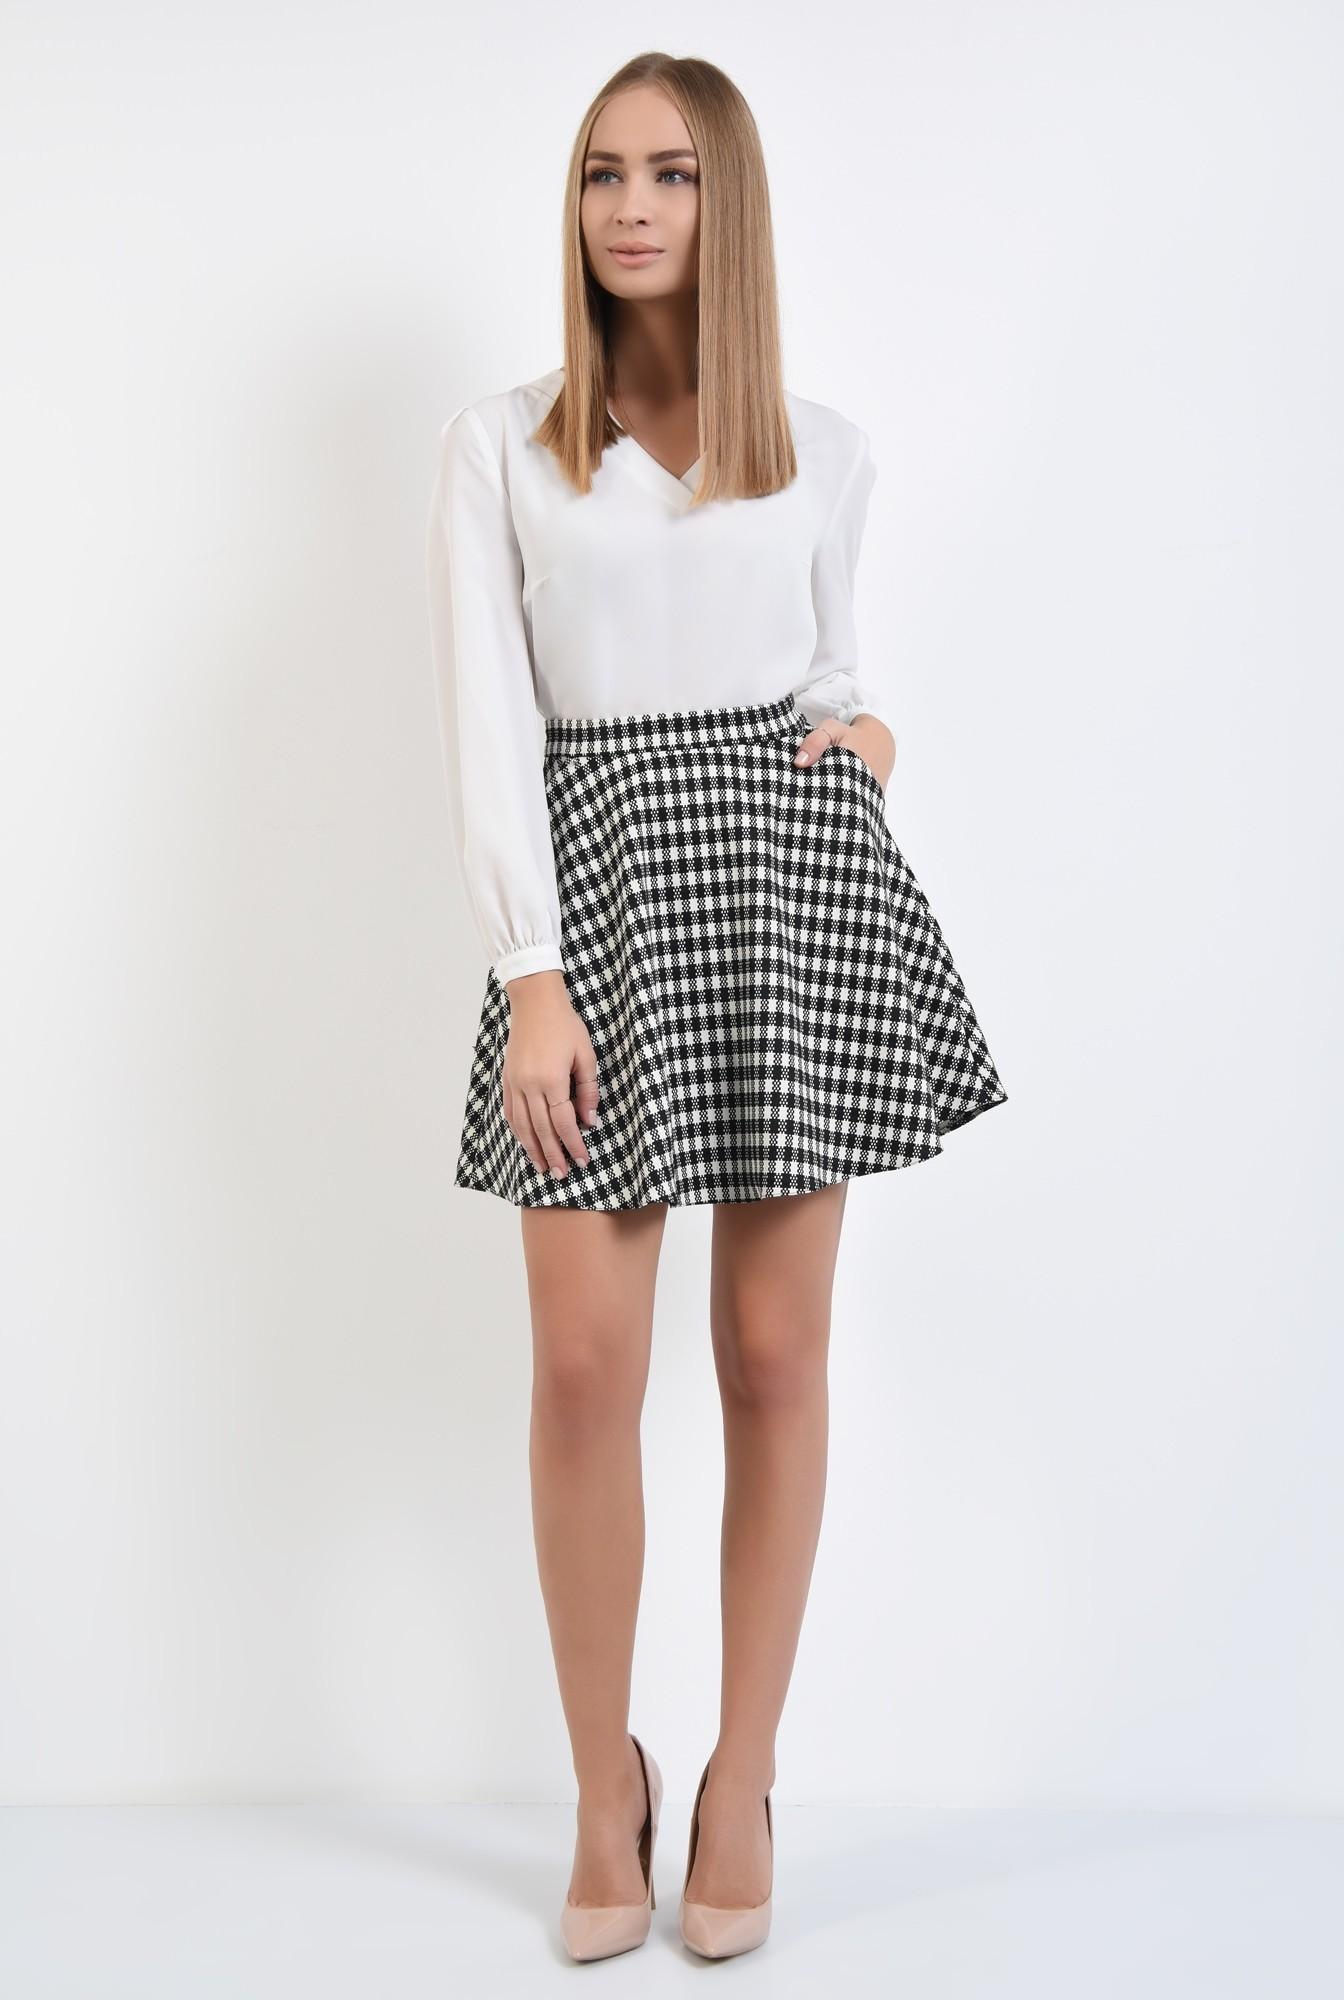 2 - fusta casual, bie, alb-negru, carouri, imprimeu